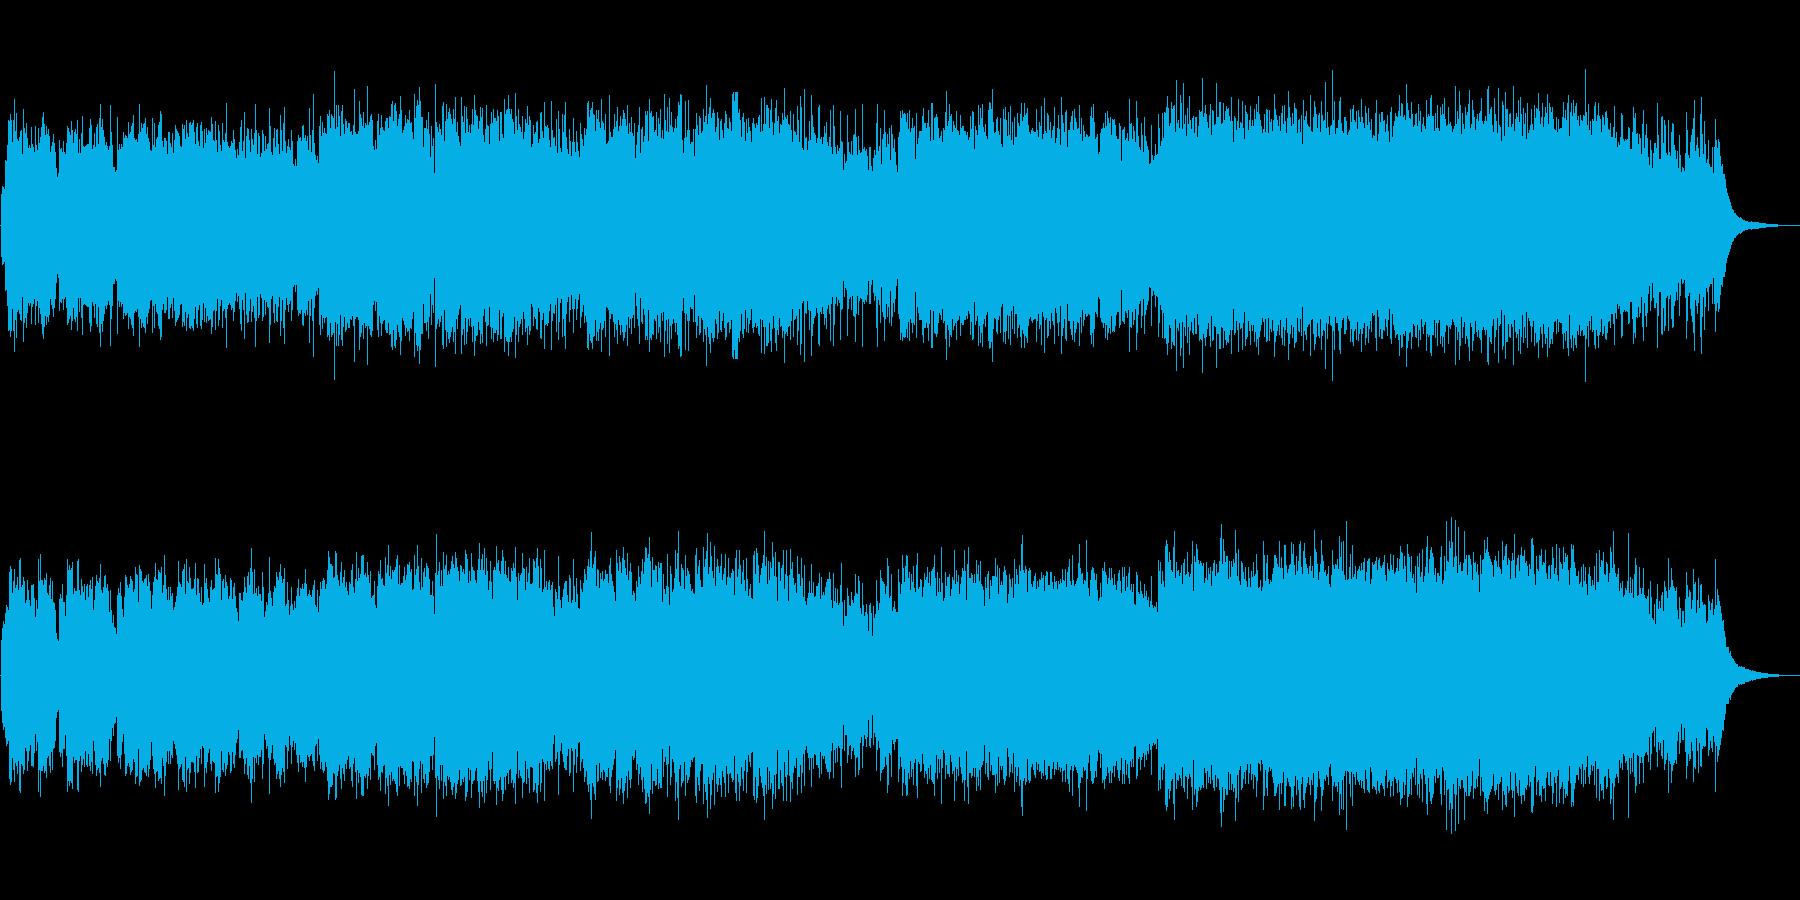 【生演奏】神秘的・幻想的な二胡 アジアンの再生済みの波形